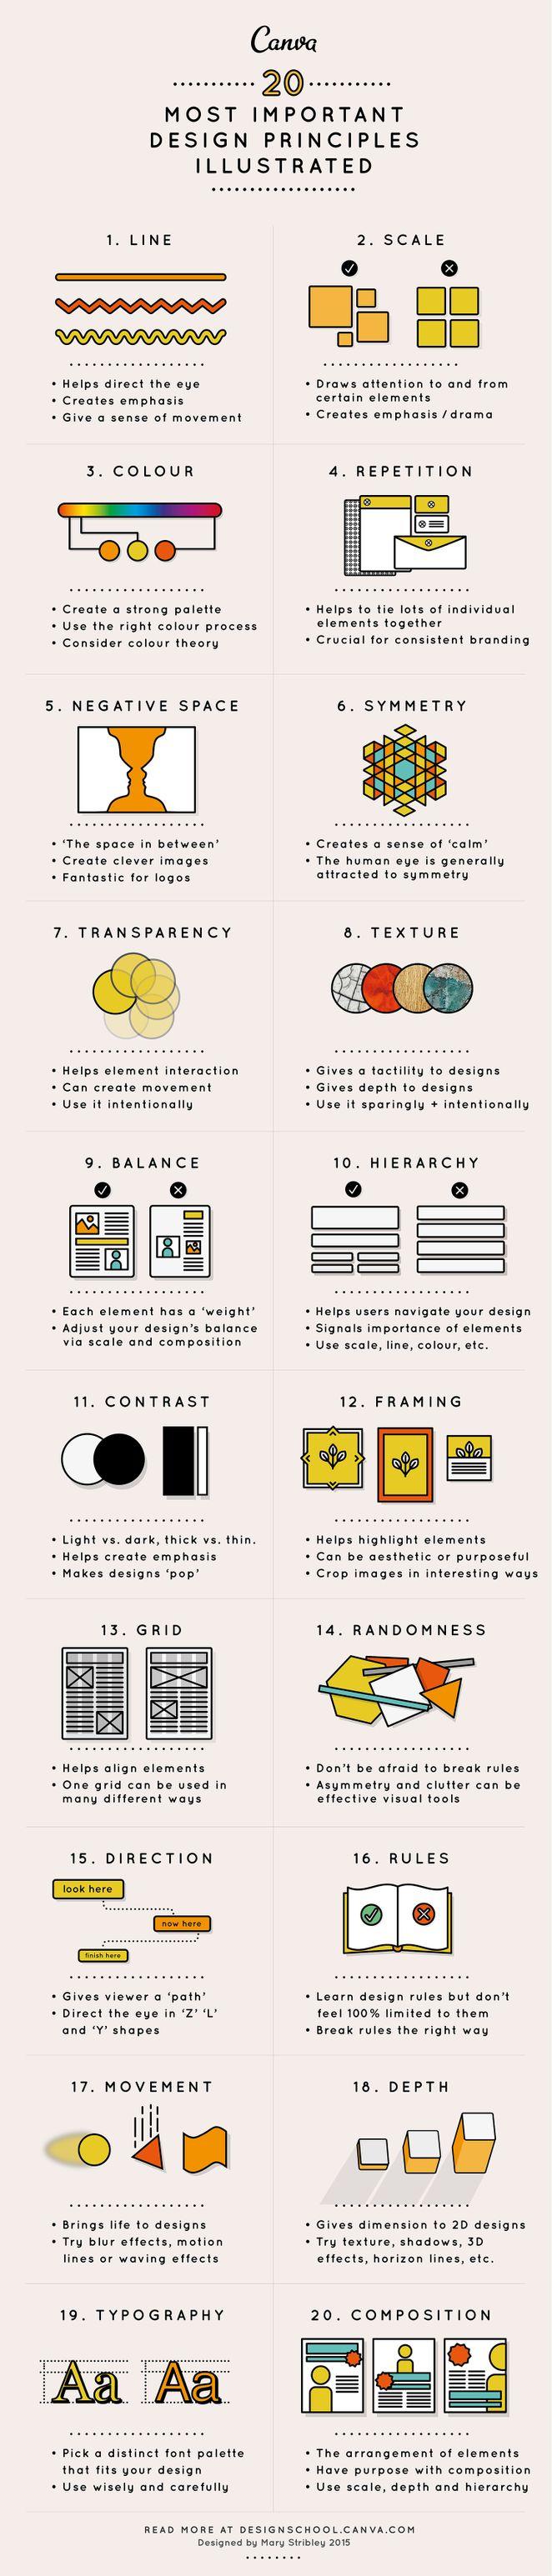 principales elementos diseño infografia principios del diseño y cómo aplicarlos Conoce los principios del diseño y cómo aplicarlos #infografía principales elementos dise o infografia